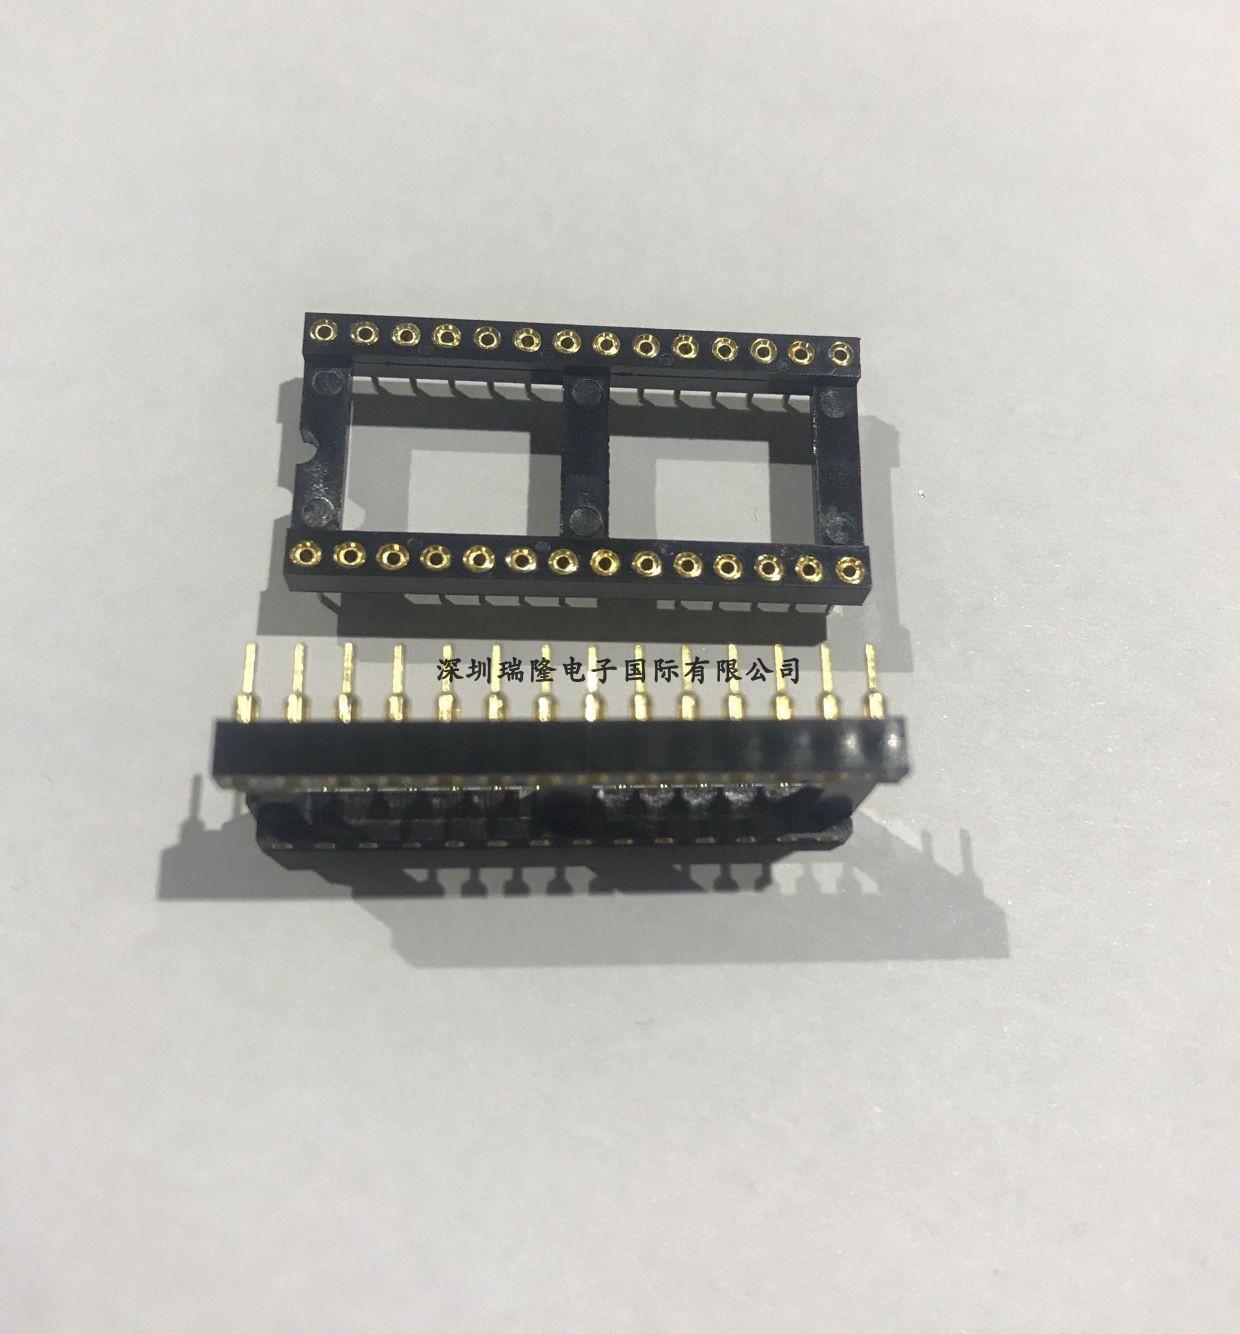 全镀金圆孔DIP28脚座子IC插座集成电路底座28针IC宽体28P17/管